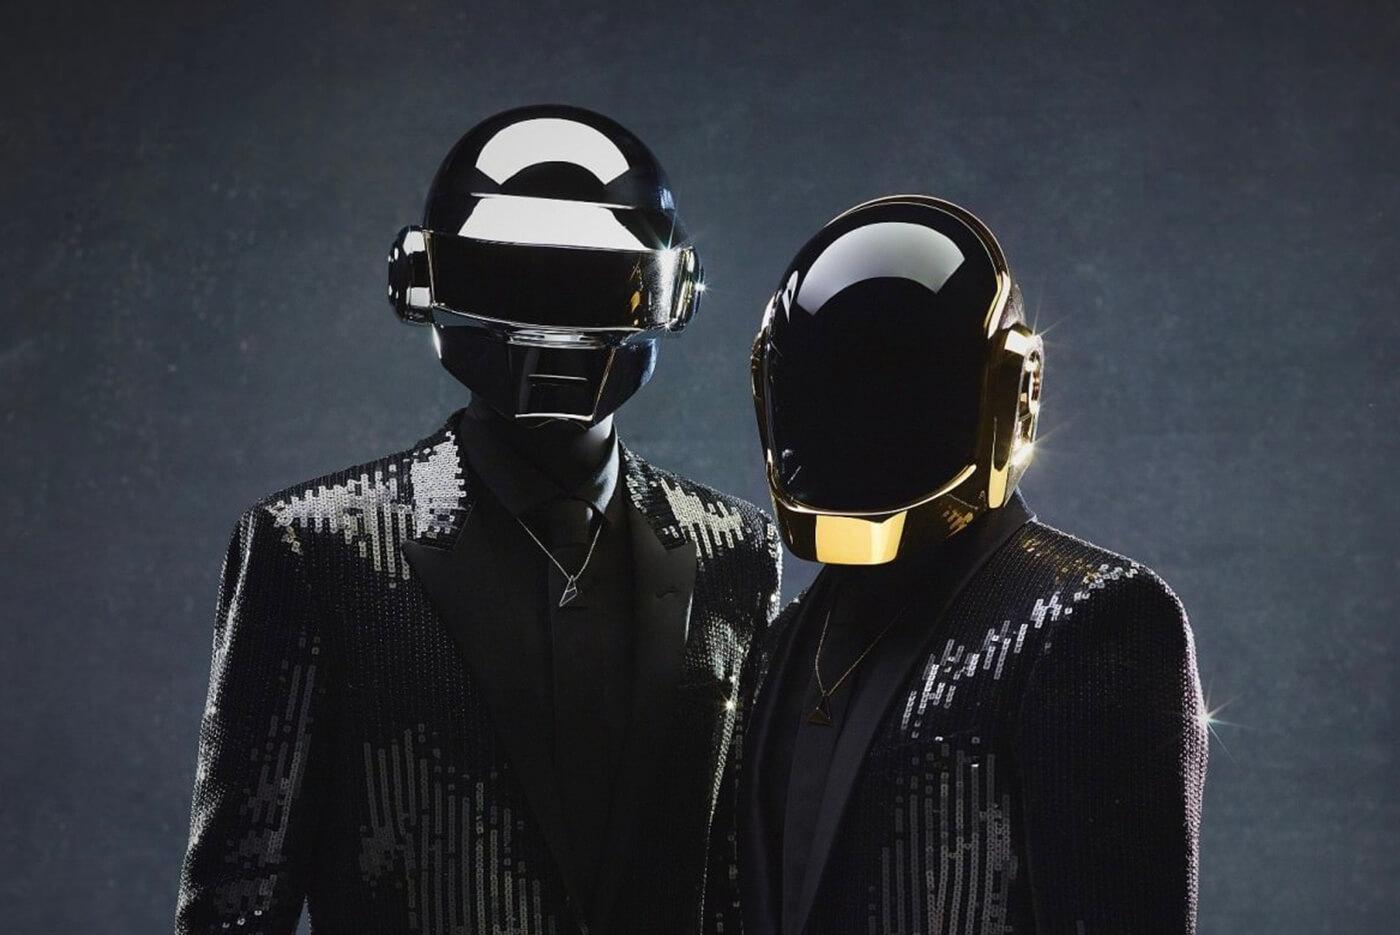 Daft Punk have broken up